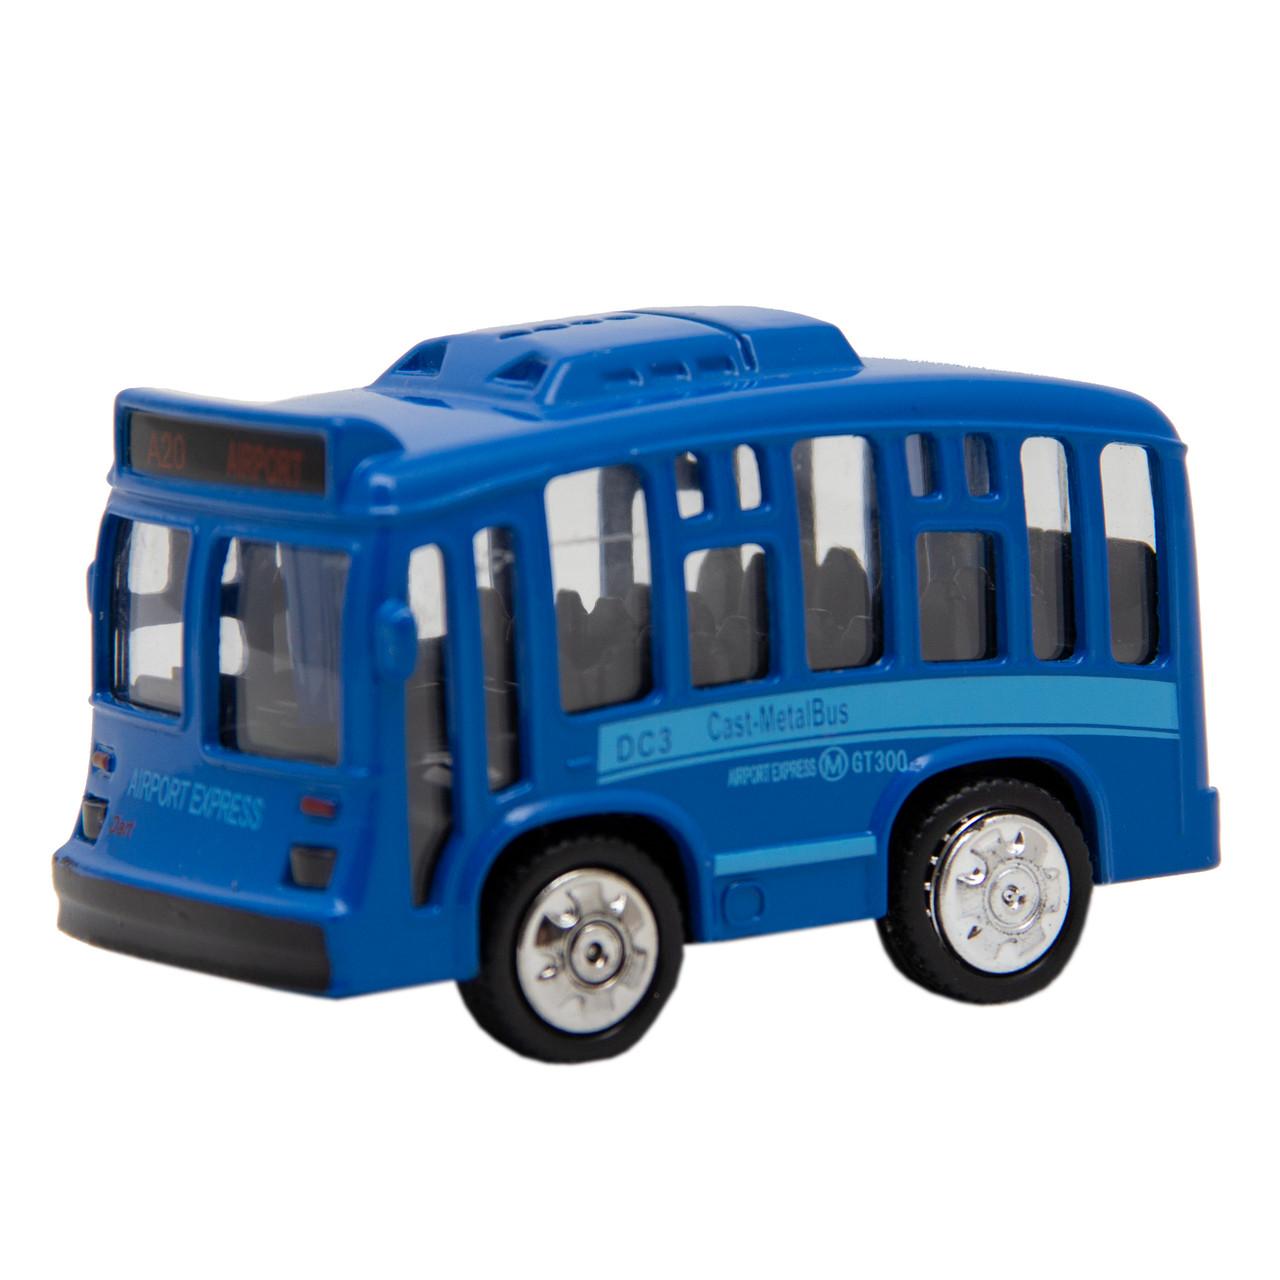 Іграшка дитяча - Автобус 1:36, інерційний, музичний, 8*5*4 см, синій, метал (A872784MK-W-3)